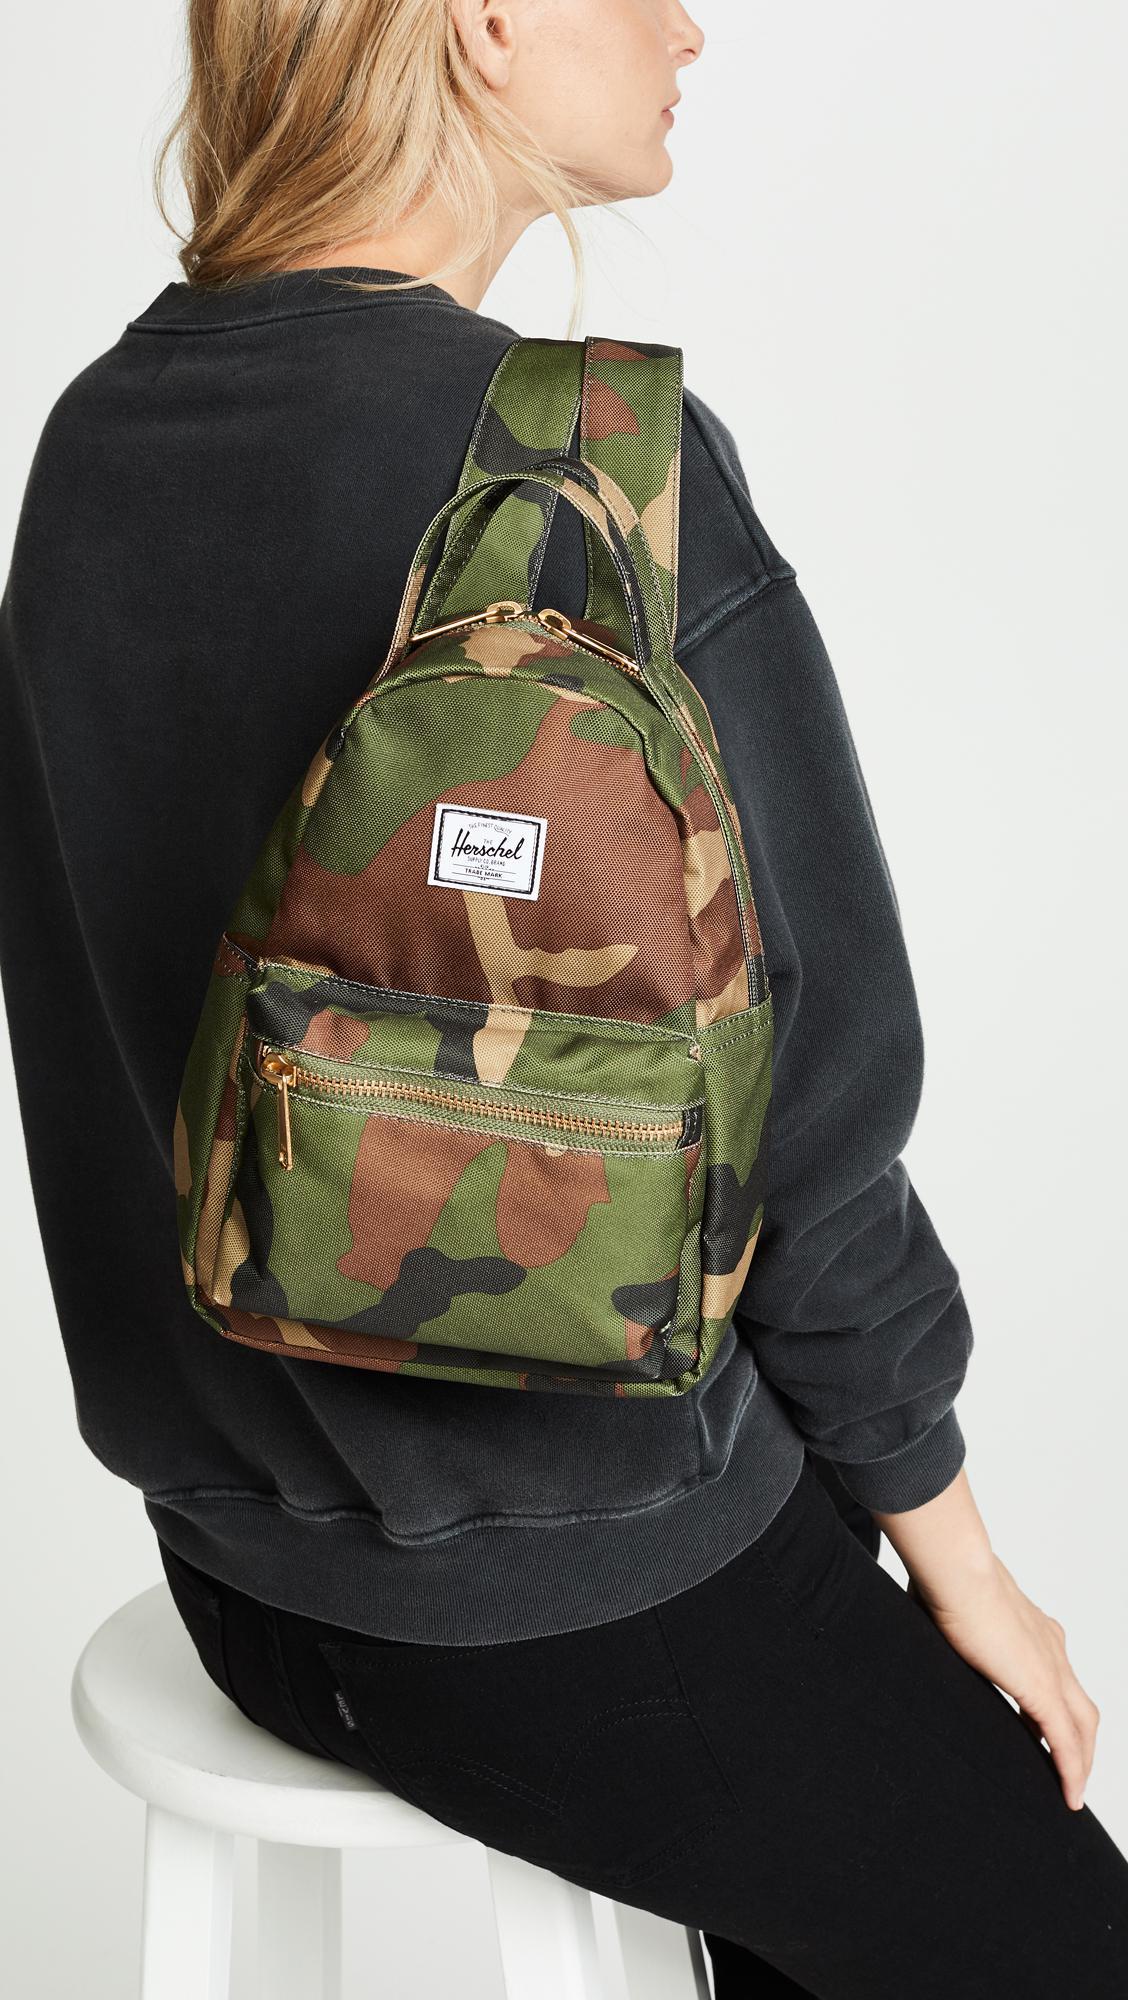 Lyst - Herschel Supply Co. Nova Mini Backpack in Green 7c879b199bf2e